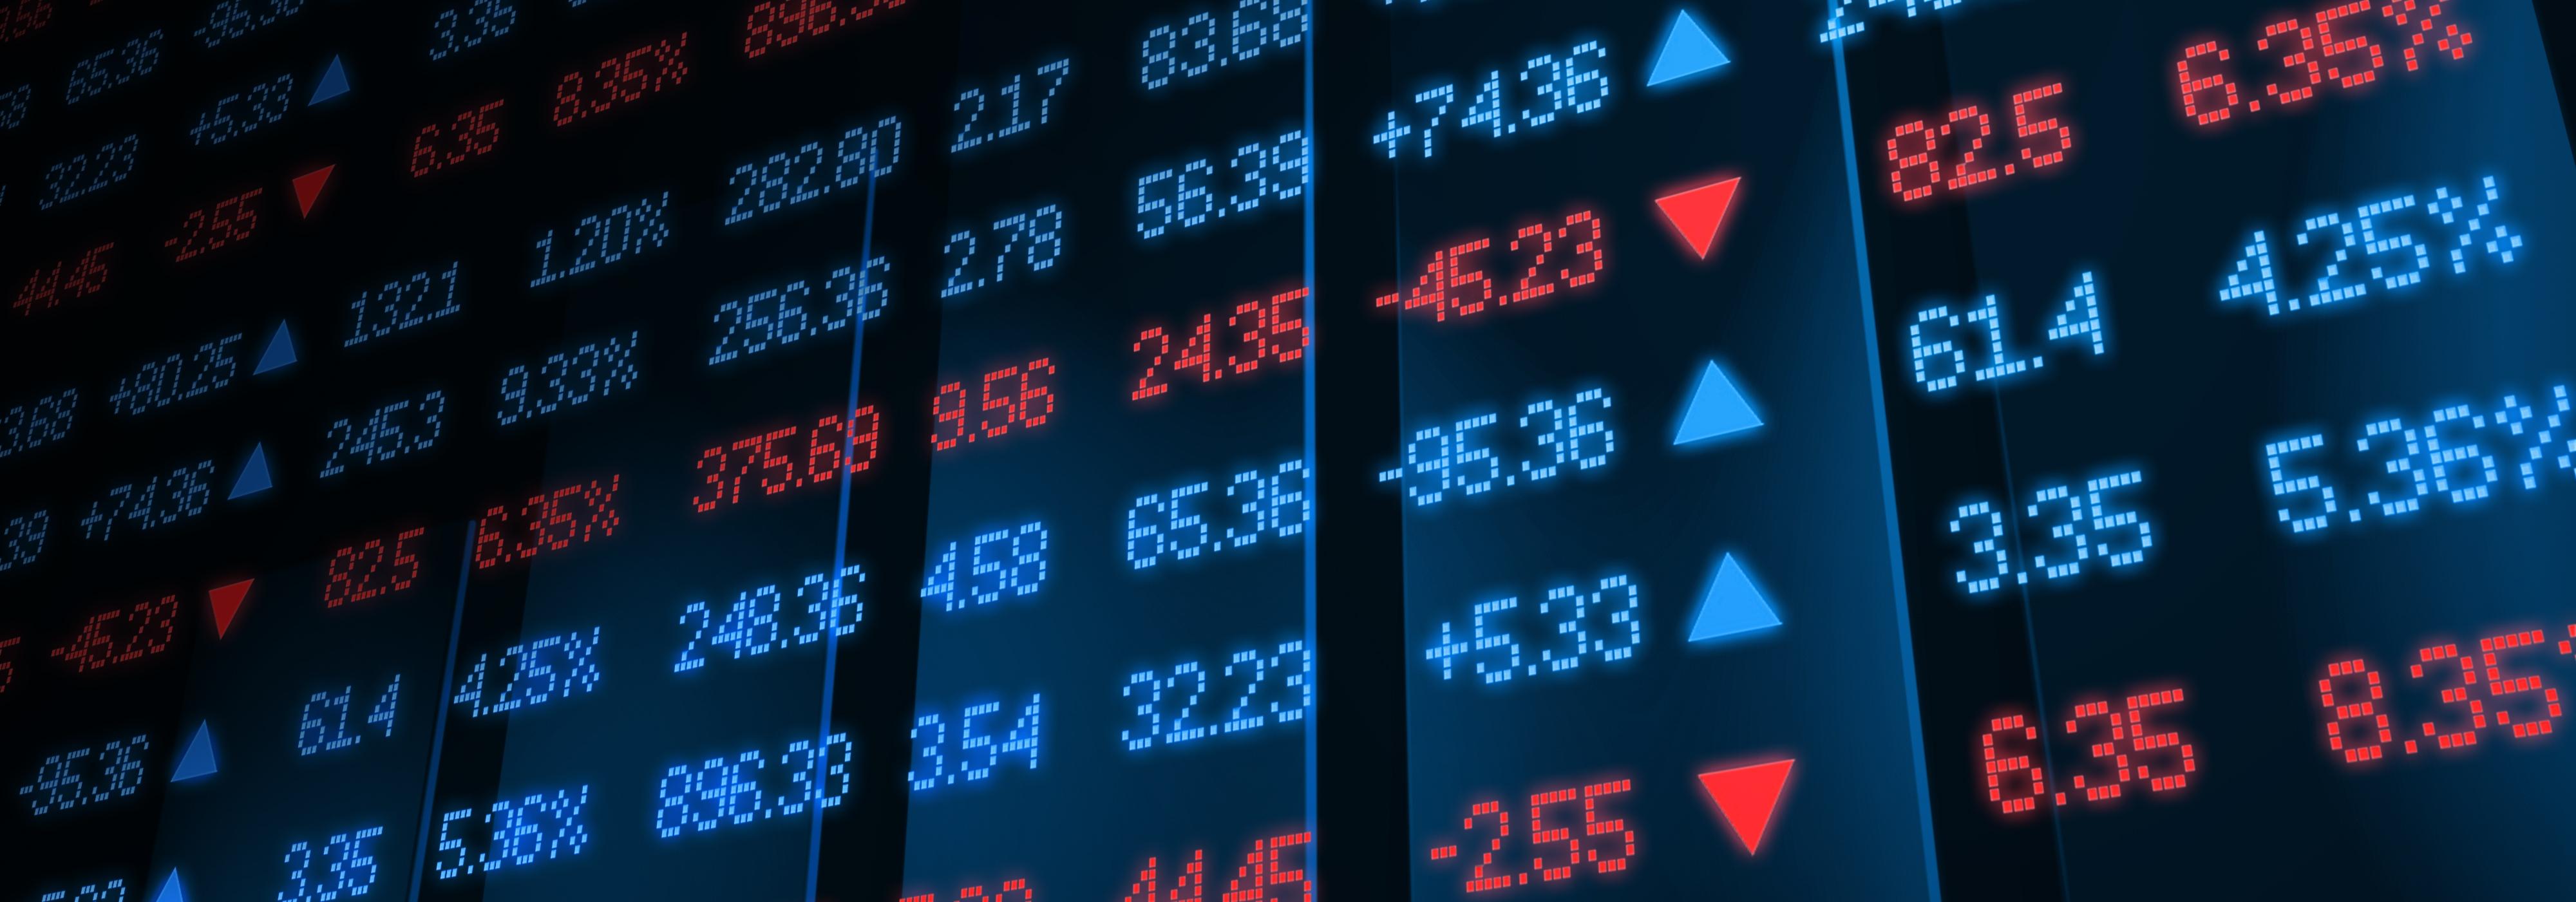 Торговые сигналы для бинарных опционов бесплатно онлайн биткоин 2019 отзывы о